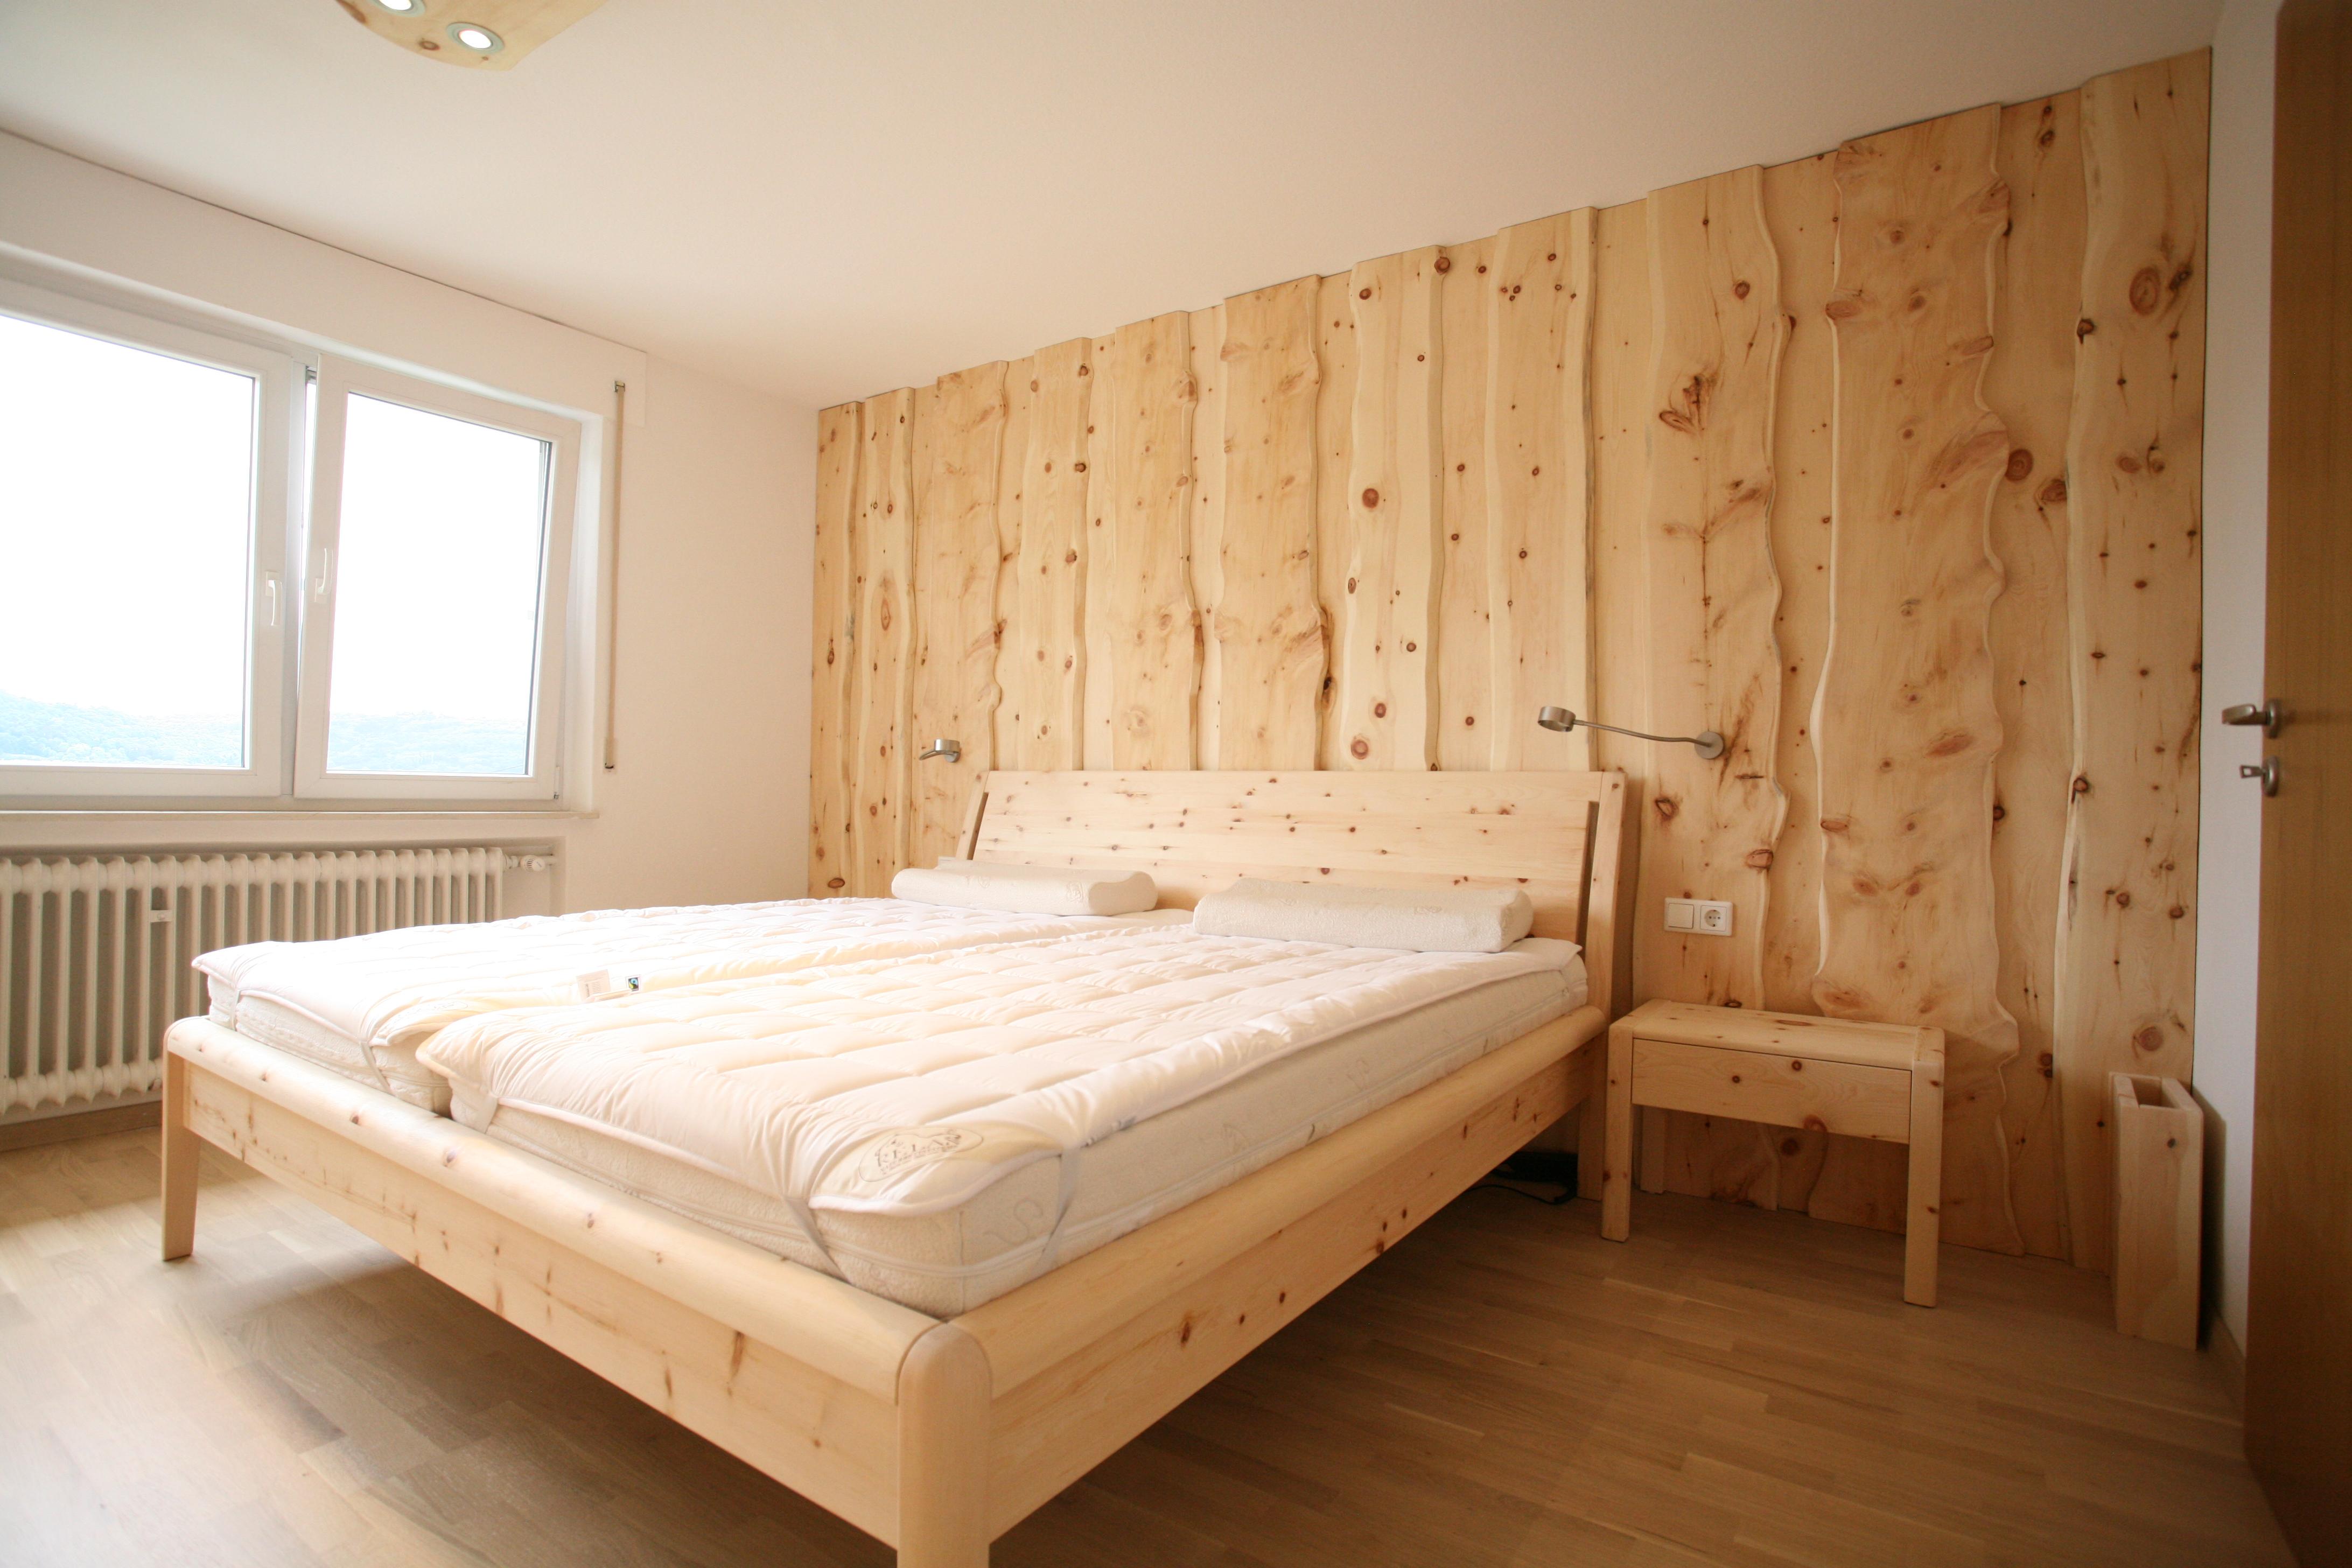 Bett, Nachtkästchen und Wandverkleidung aus Zirbenholz